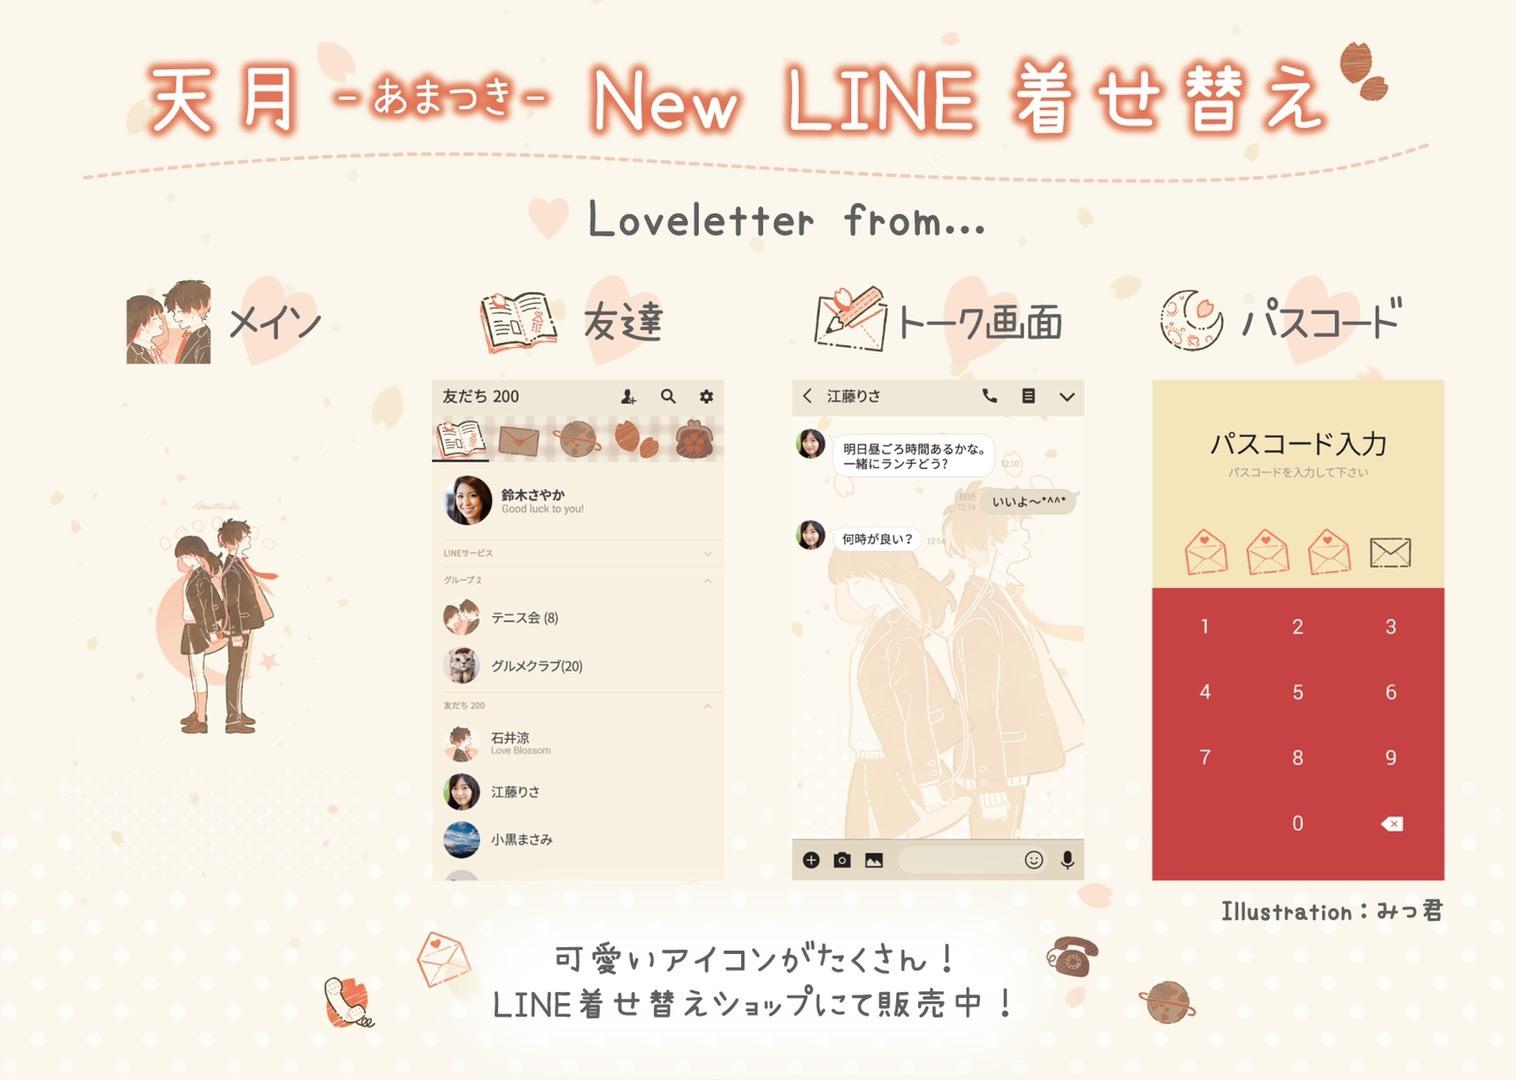 LINE_着せ替え_Loveletter from...